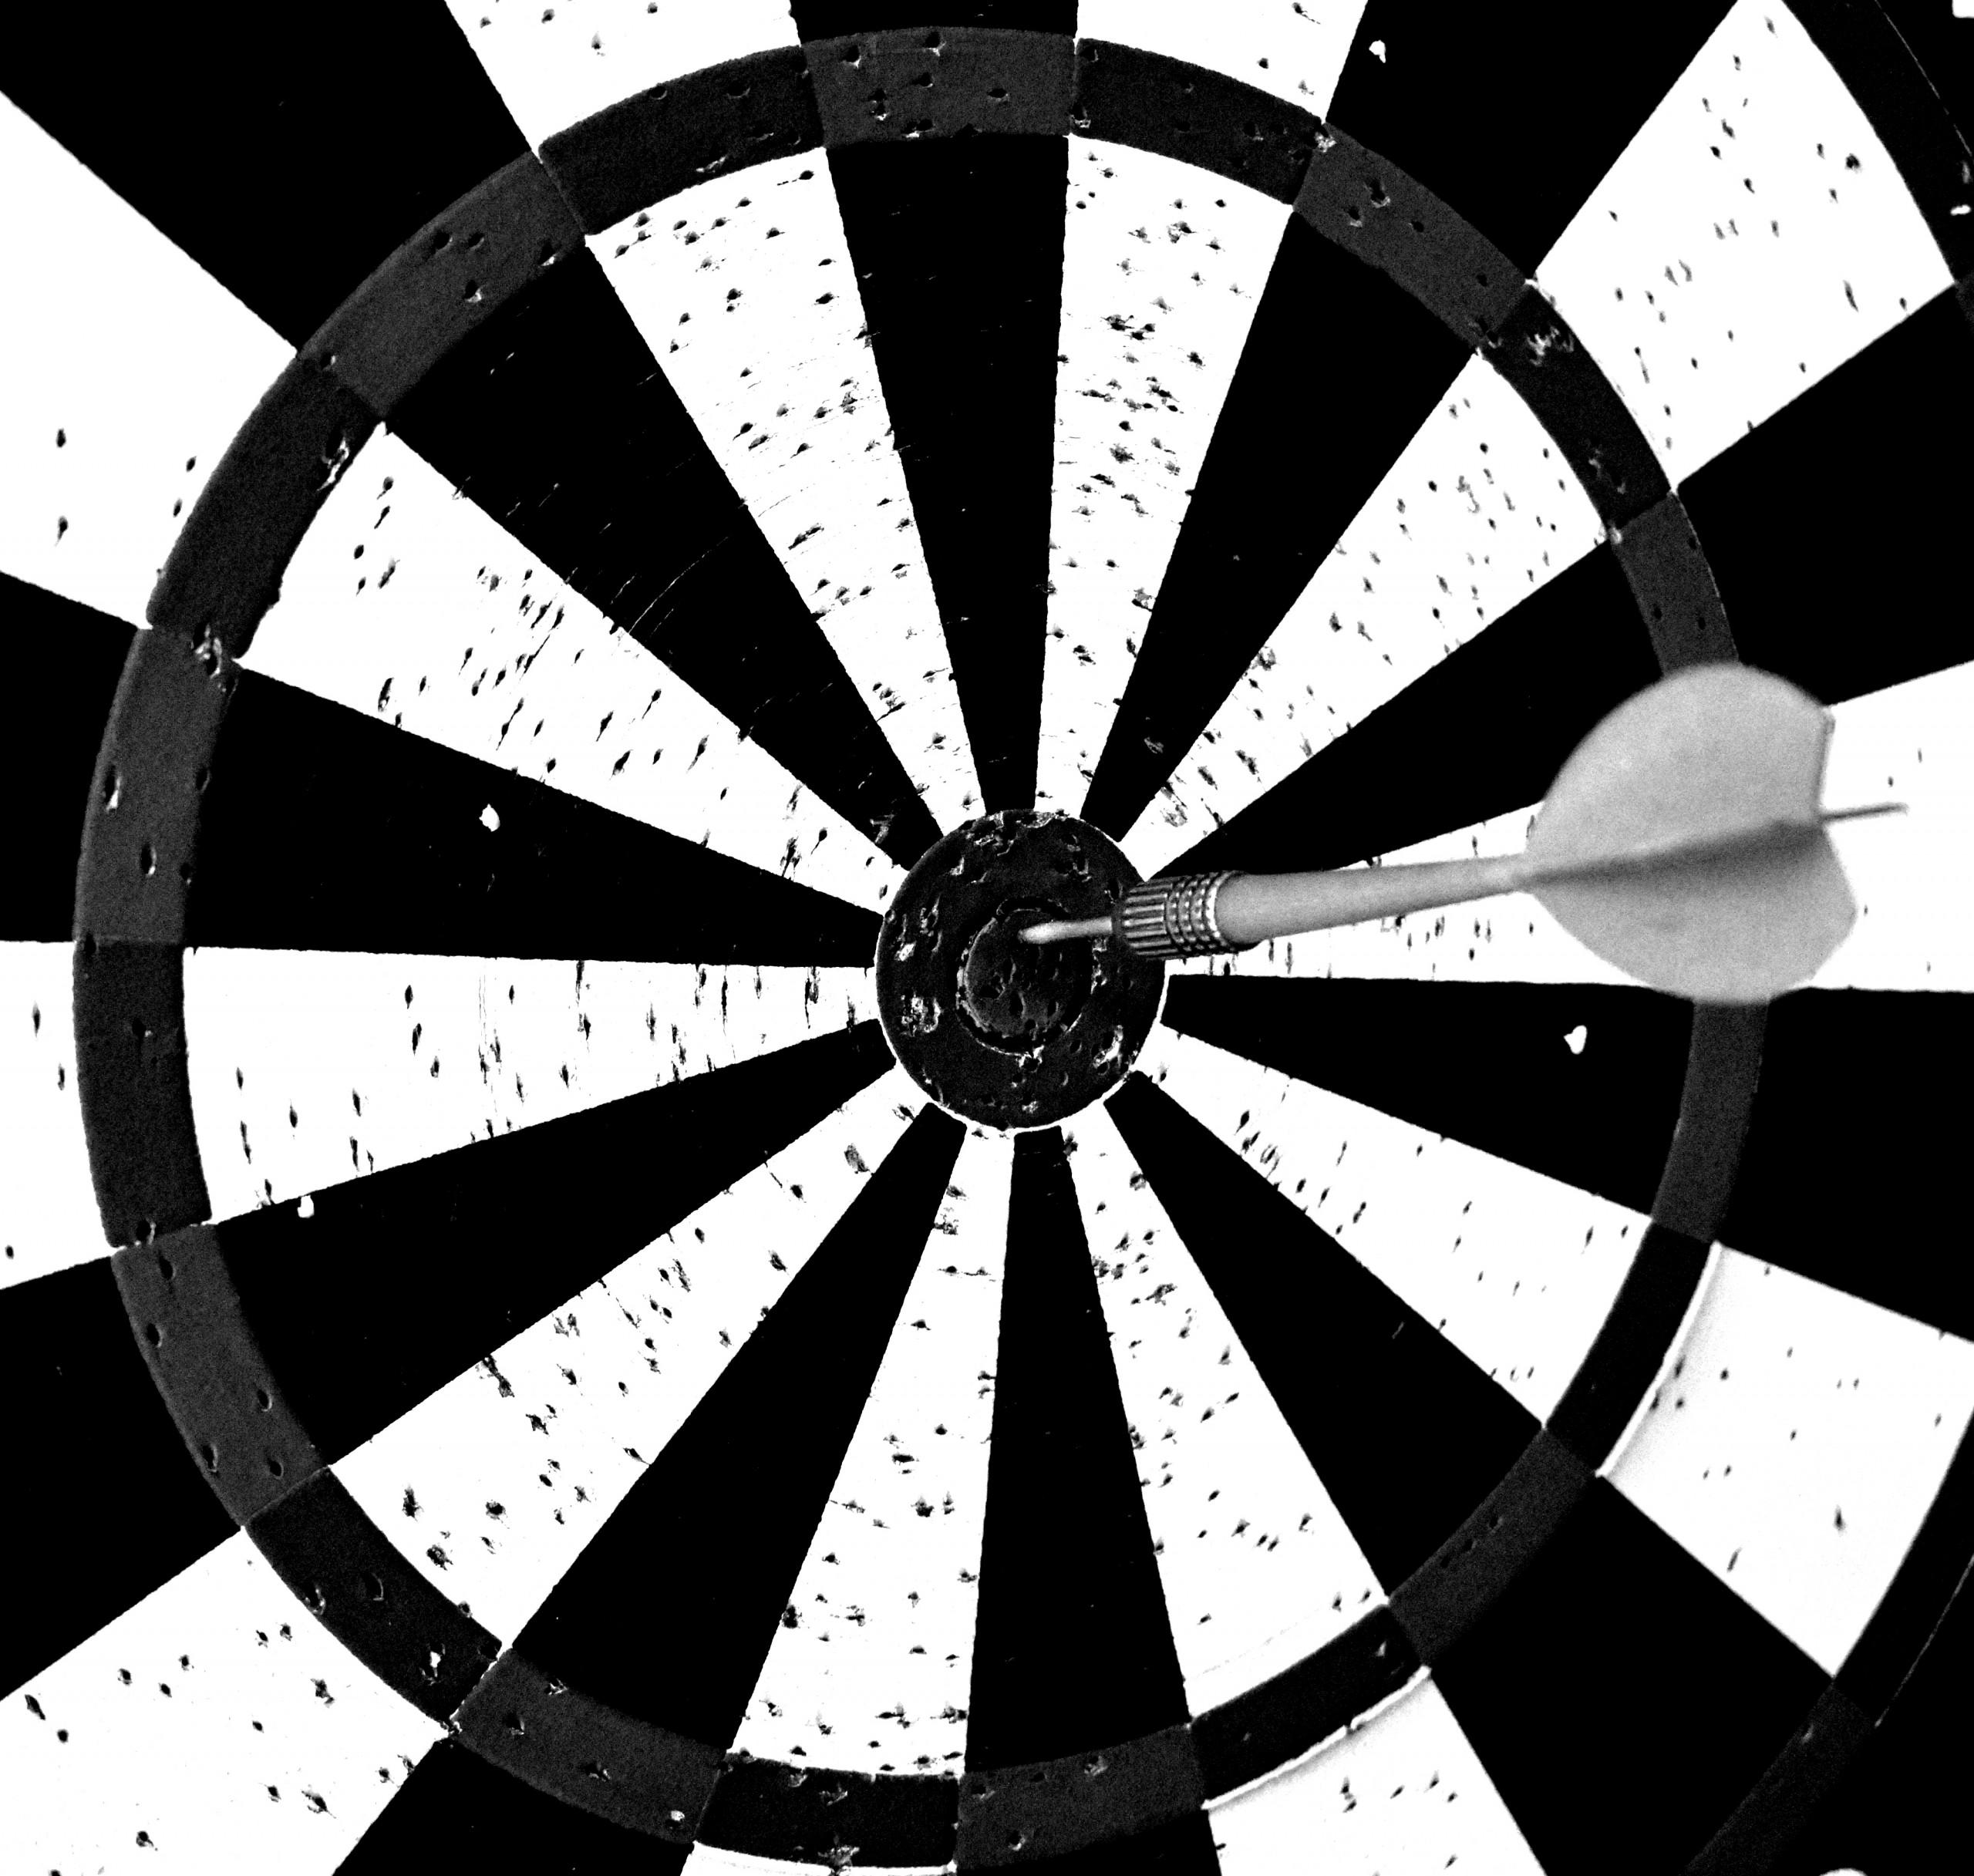 The Bullseye on Dart Board